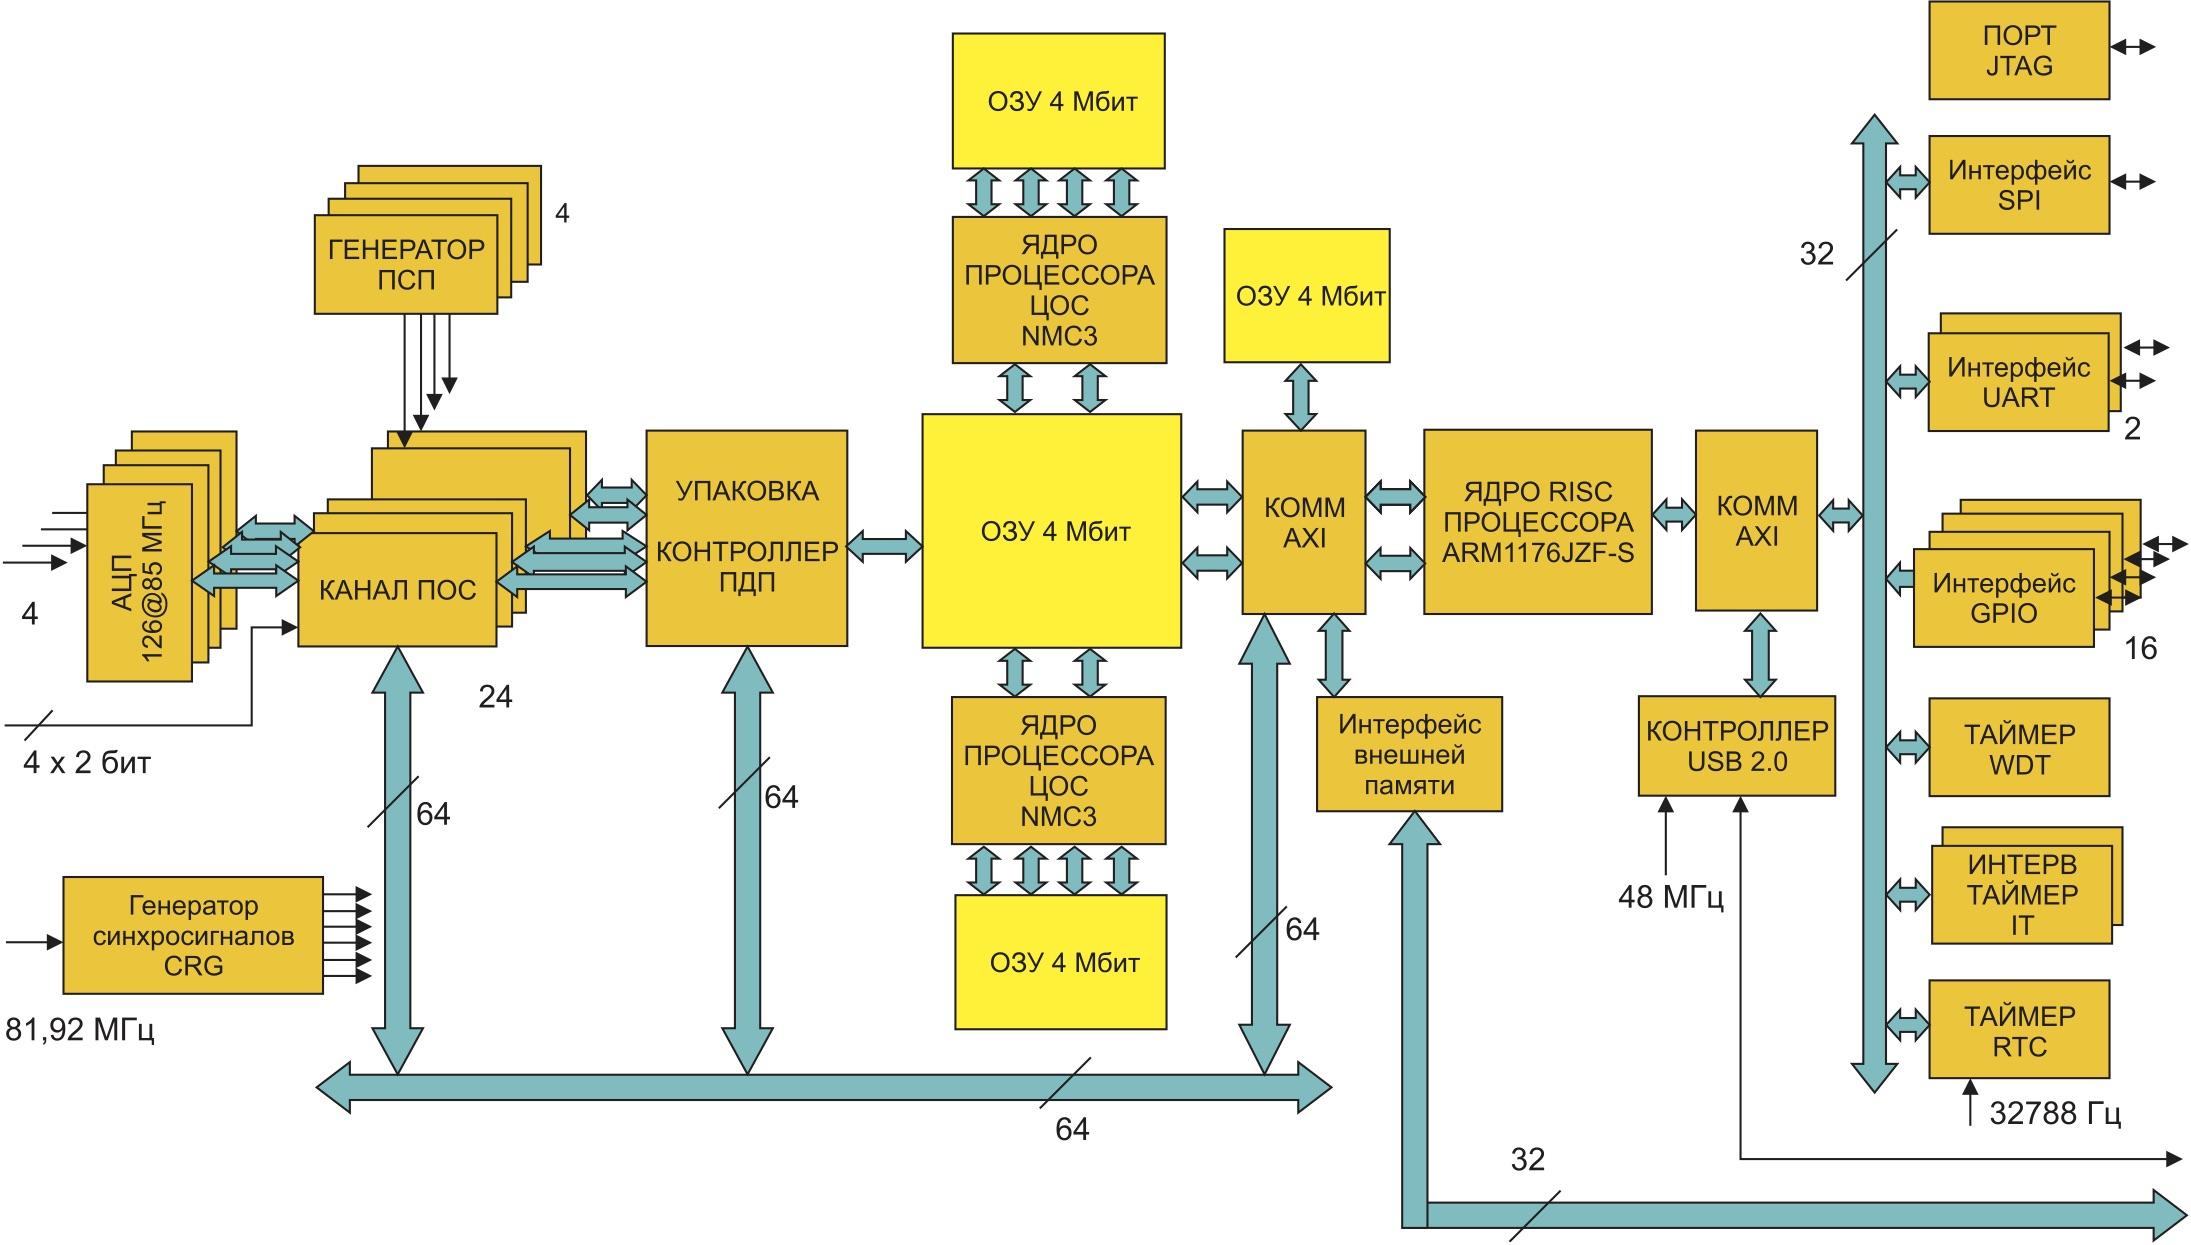 Структурная схема СБИС К1879ХК1Я